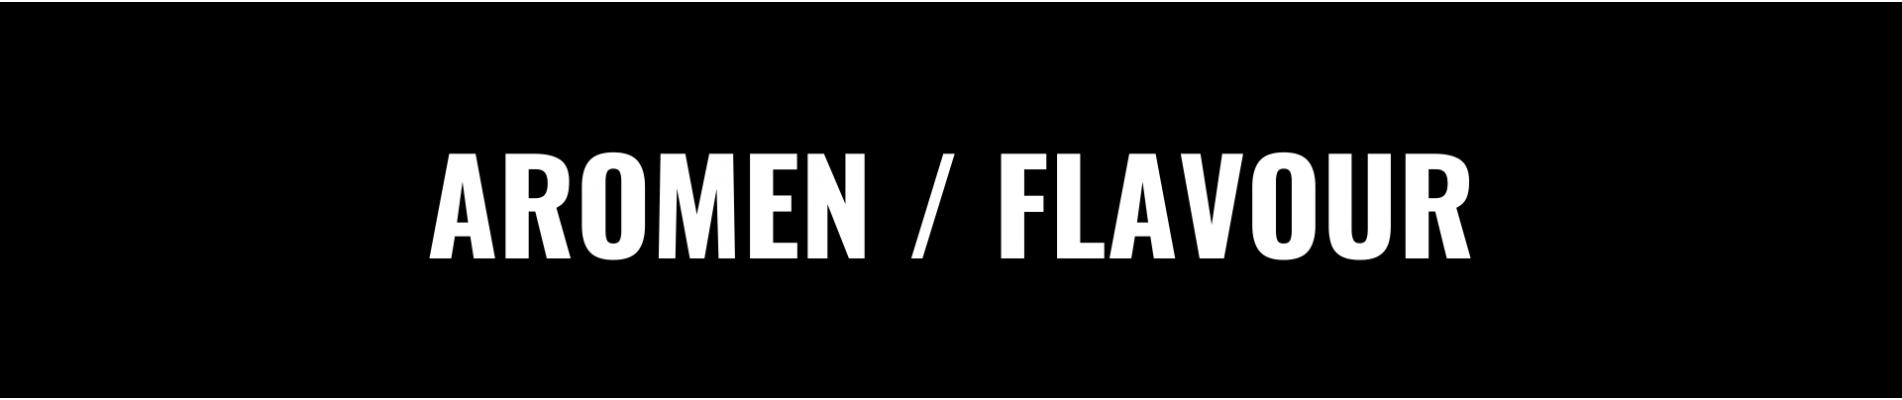 AROMEN/FLAVOUR